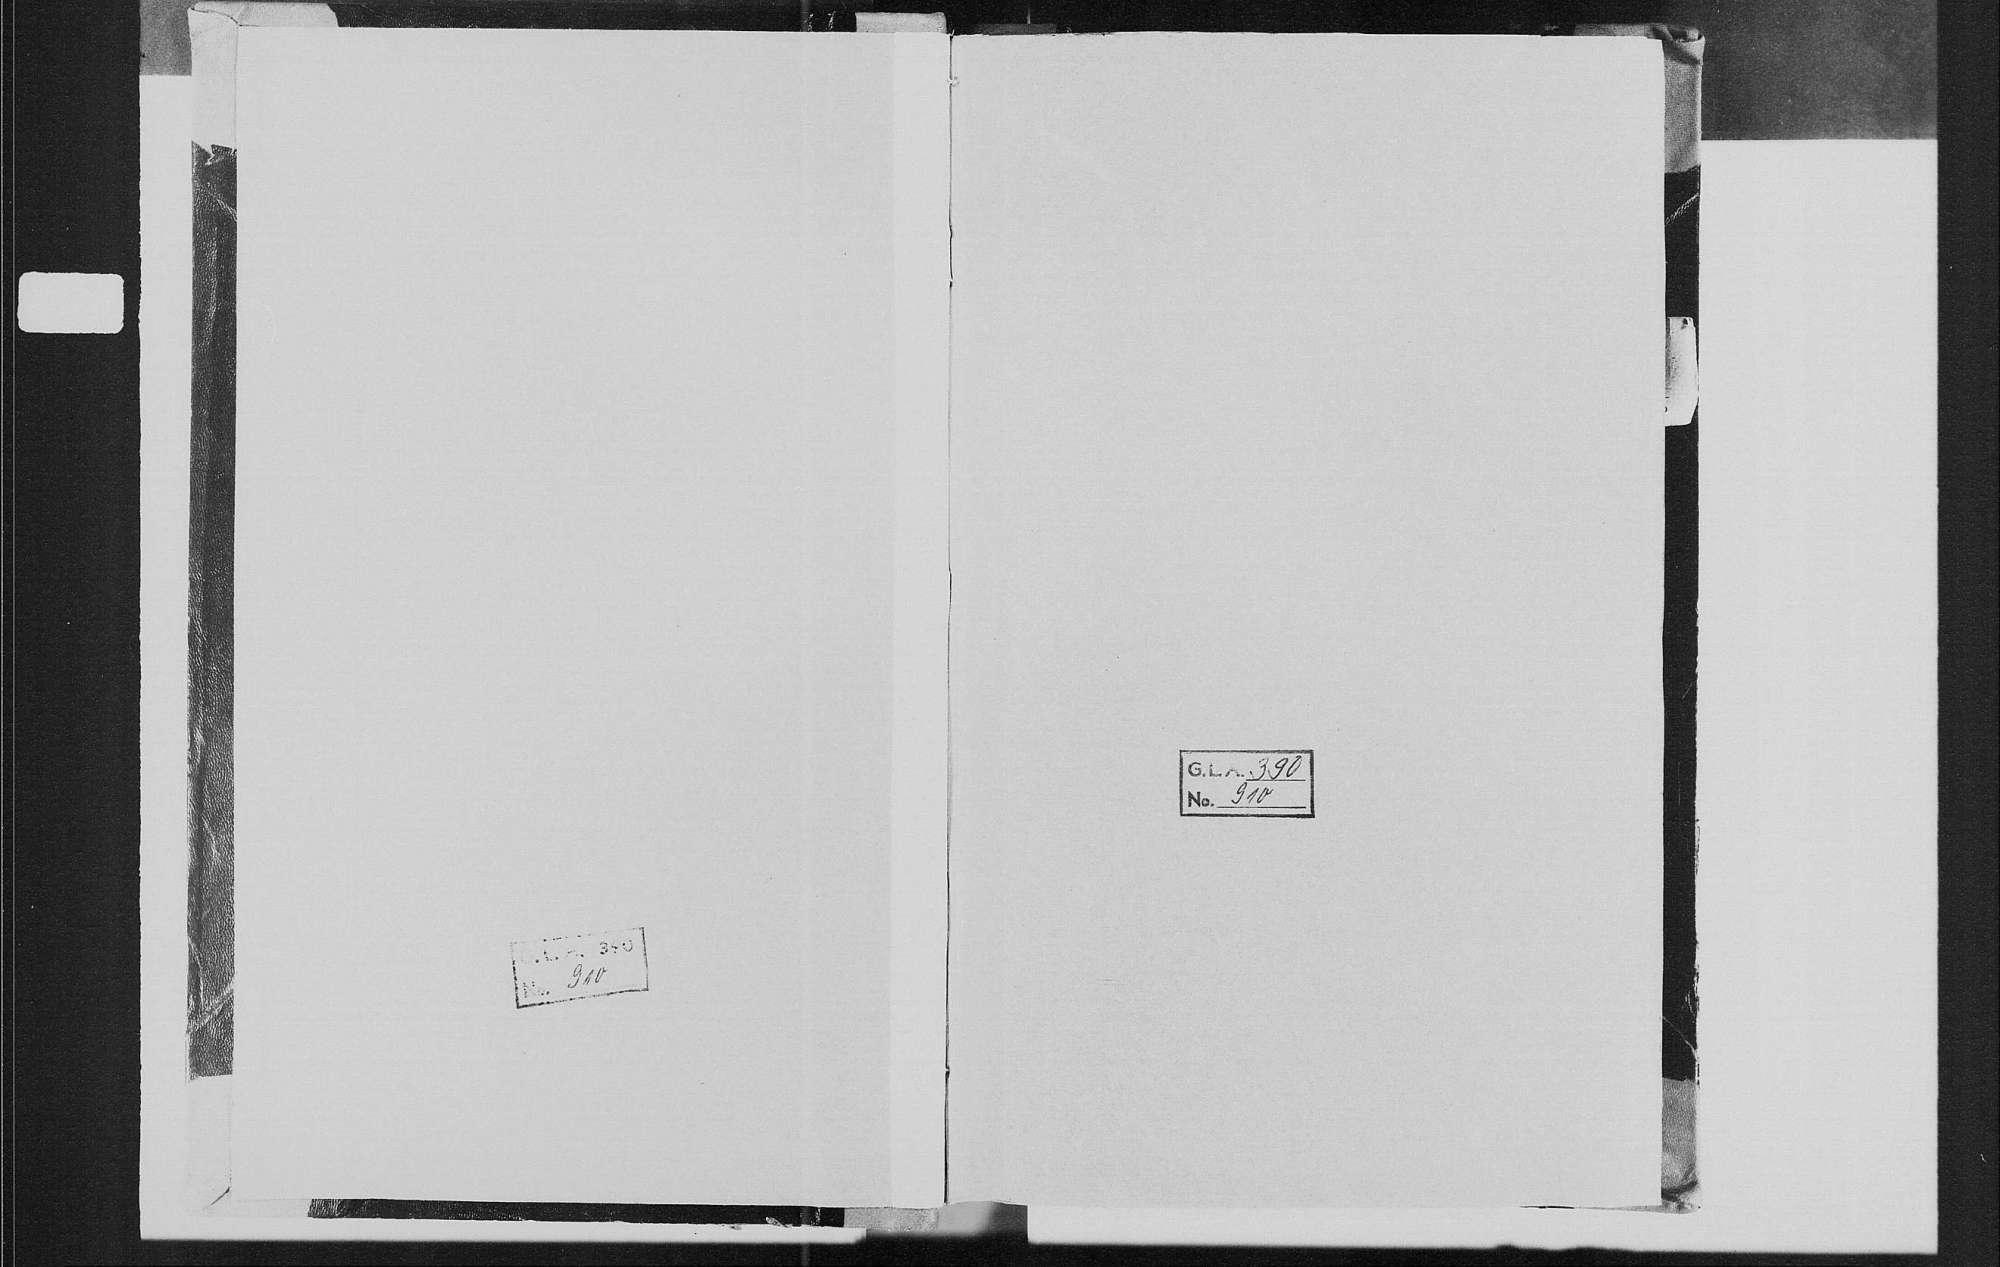 Schwarzach, evangelische, katholische und israelitische Gemeinde: Heiratsbuch 1810-1870, Bild 2